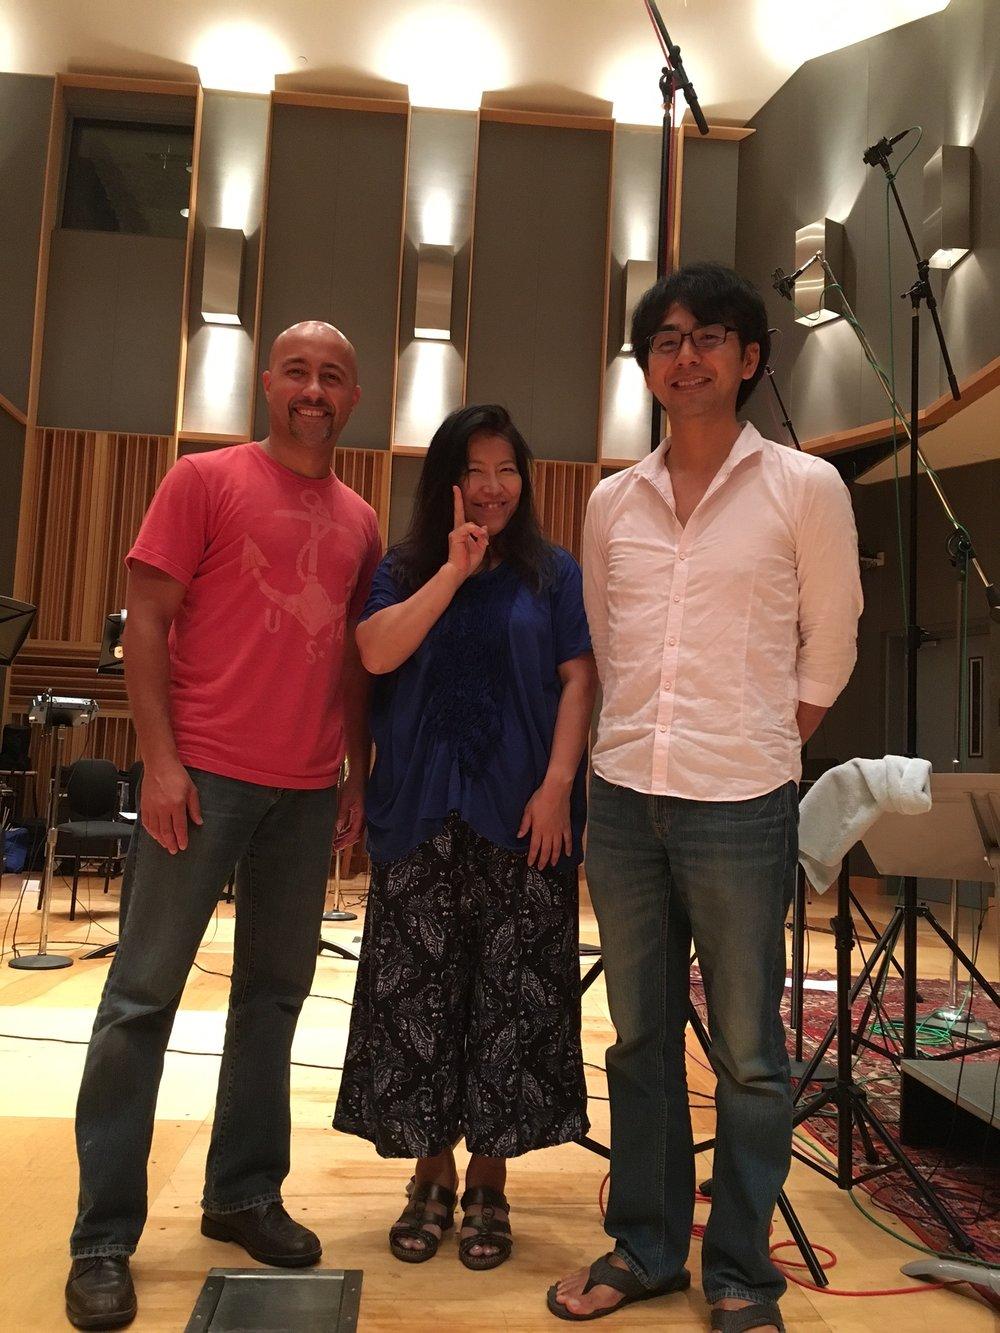 From left to right: José with composer Yoko Shimomura (Kingdom Hearts, Final Fantasy XV), and Shota Nakama (SoundtRec Boston, VGO).